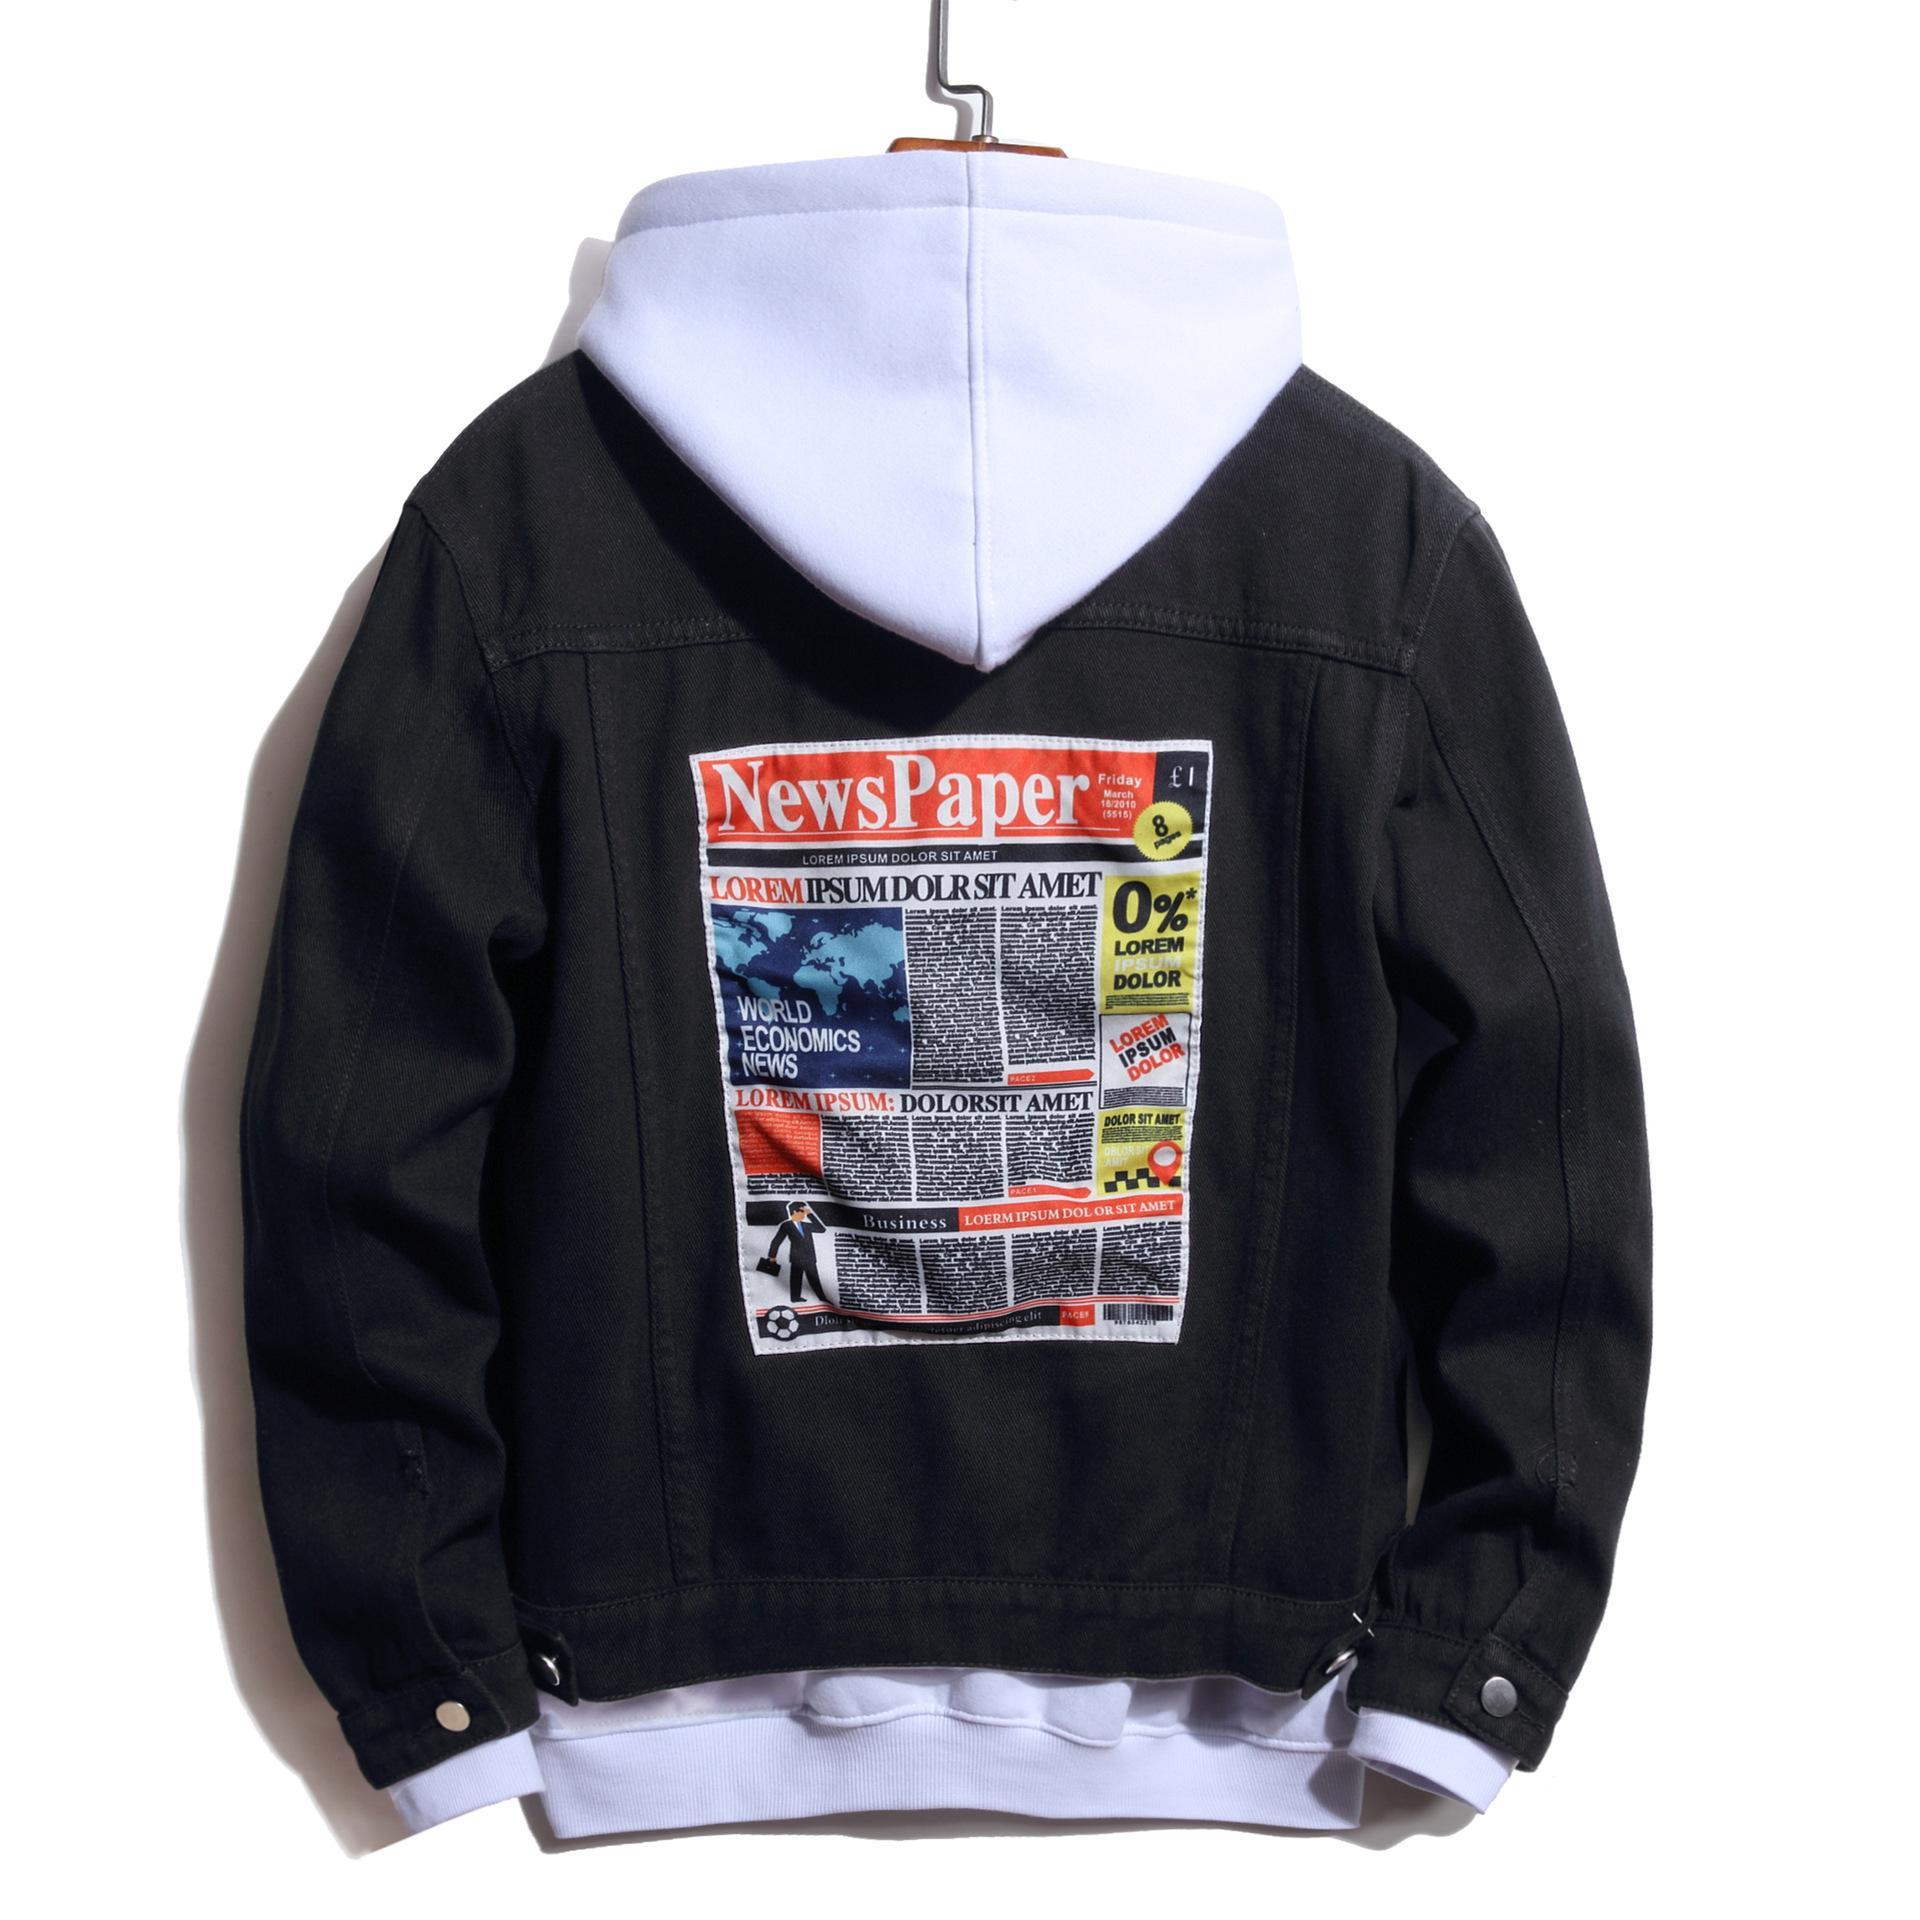 Nedensel Erkekler Ceketler Moda Baskı Spor Giyim Denim Vintage Mont Hip Hop Erkek Streetwear Erkek Bombacı Ceketler Boyutu S-3XL 0825 #